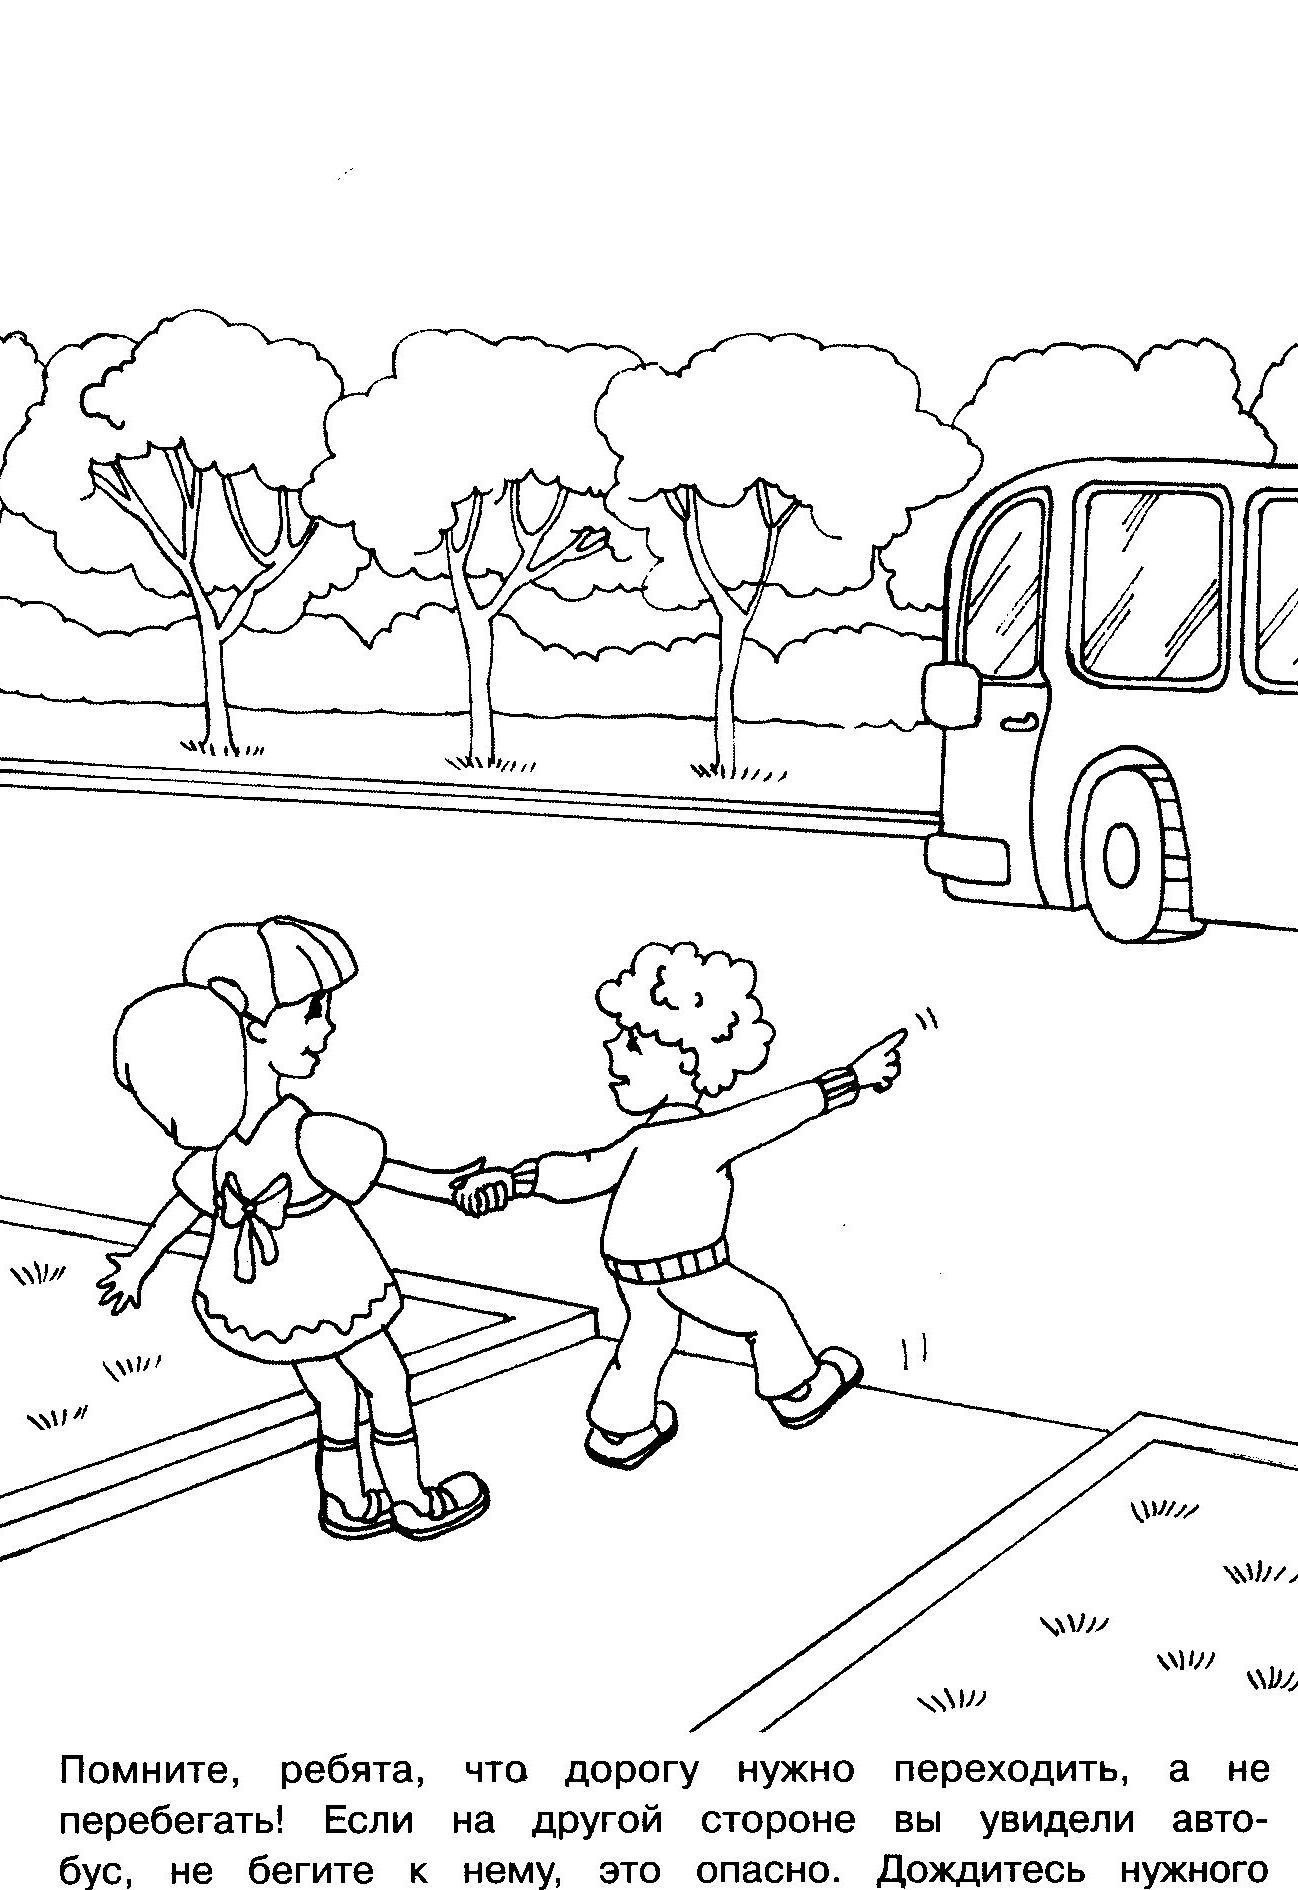 Картинки про пдд для дошкольников карандашом